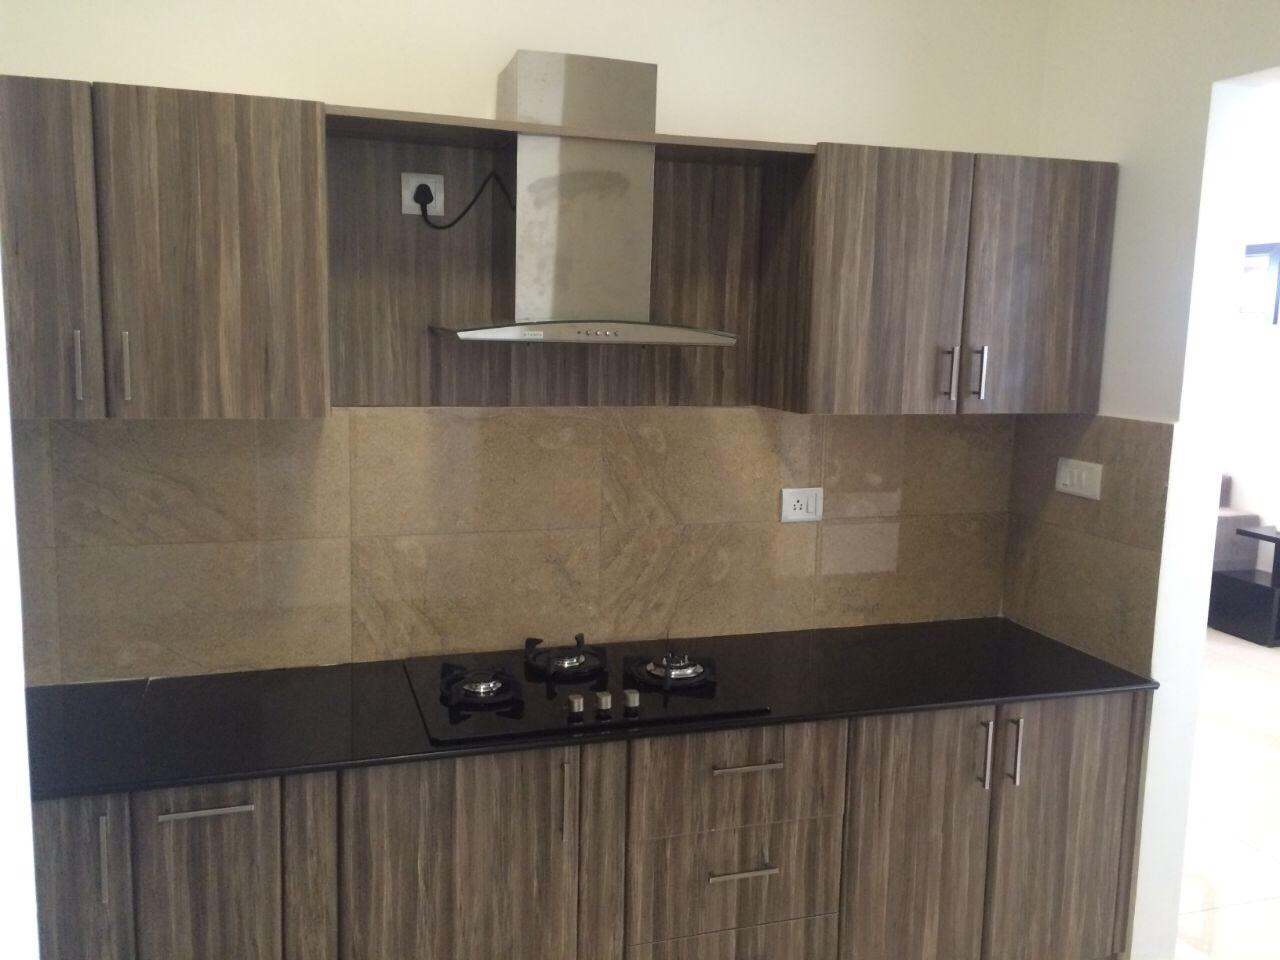 Wood Finish Kitchen by Odd architecture studio  Modular-kitchen Modern | Interior Design Photos & Ideas